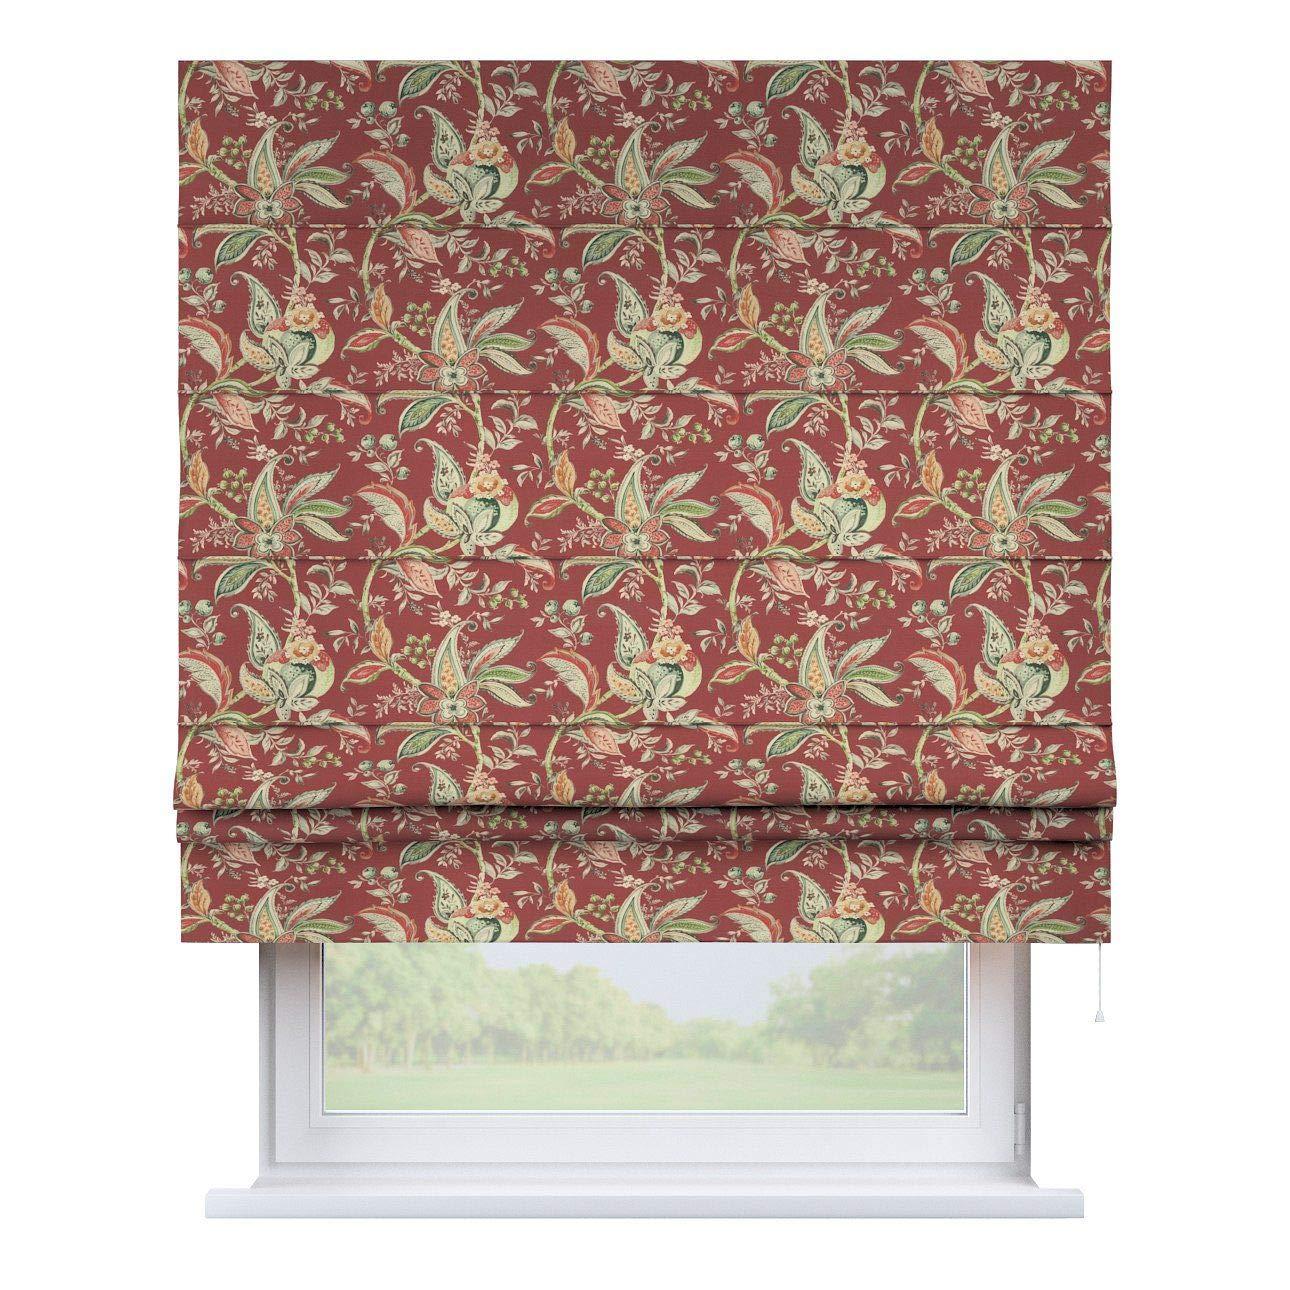 Dekoria Raffrollo Padva ohne Bohren Blickdicht Faltvorhang Raffgardine Wohnzimmer Schlafzimmer Kinderzimmer 100 × 170 cm rot Raffrollos auf Maß maßanfertigung möglich